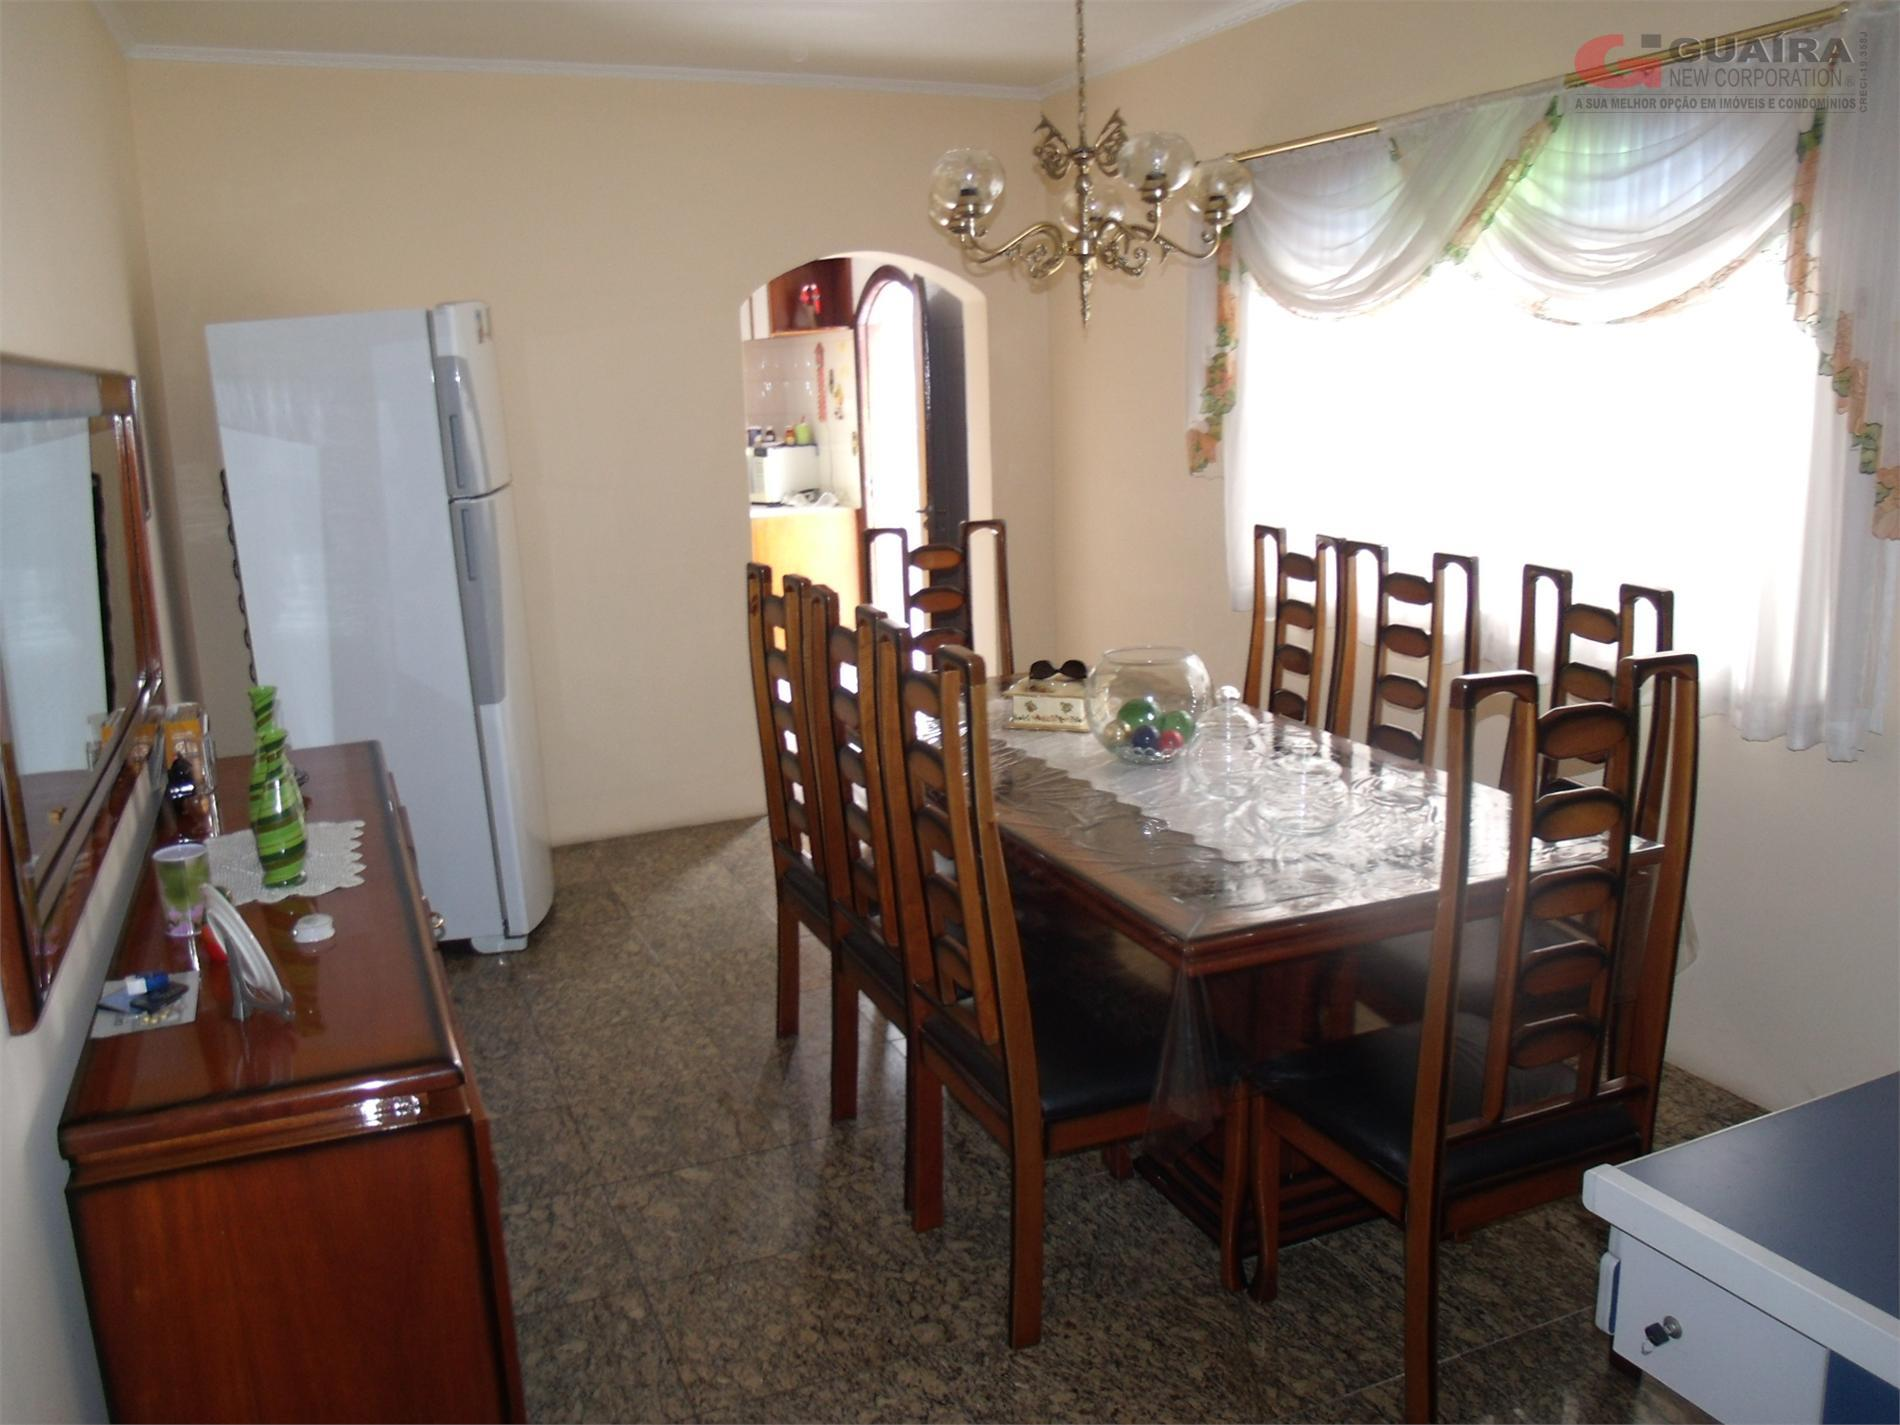 Sobrado de 3 dormitórios à venda em Vila Curuçá, Santo André - SP